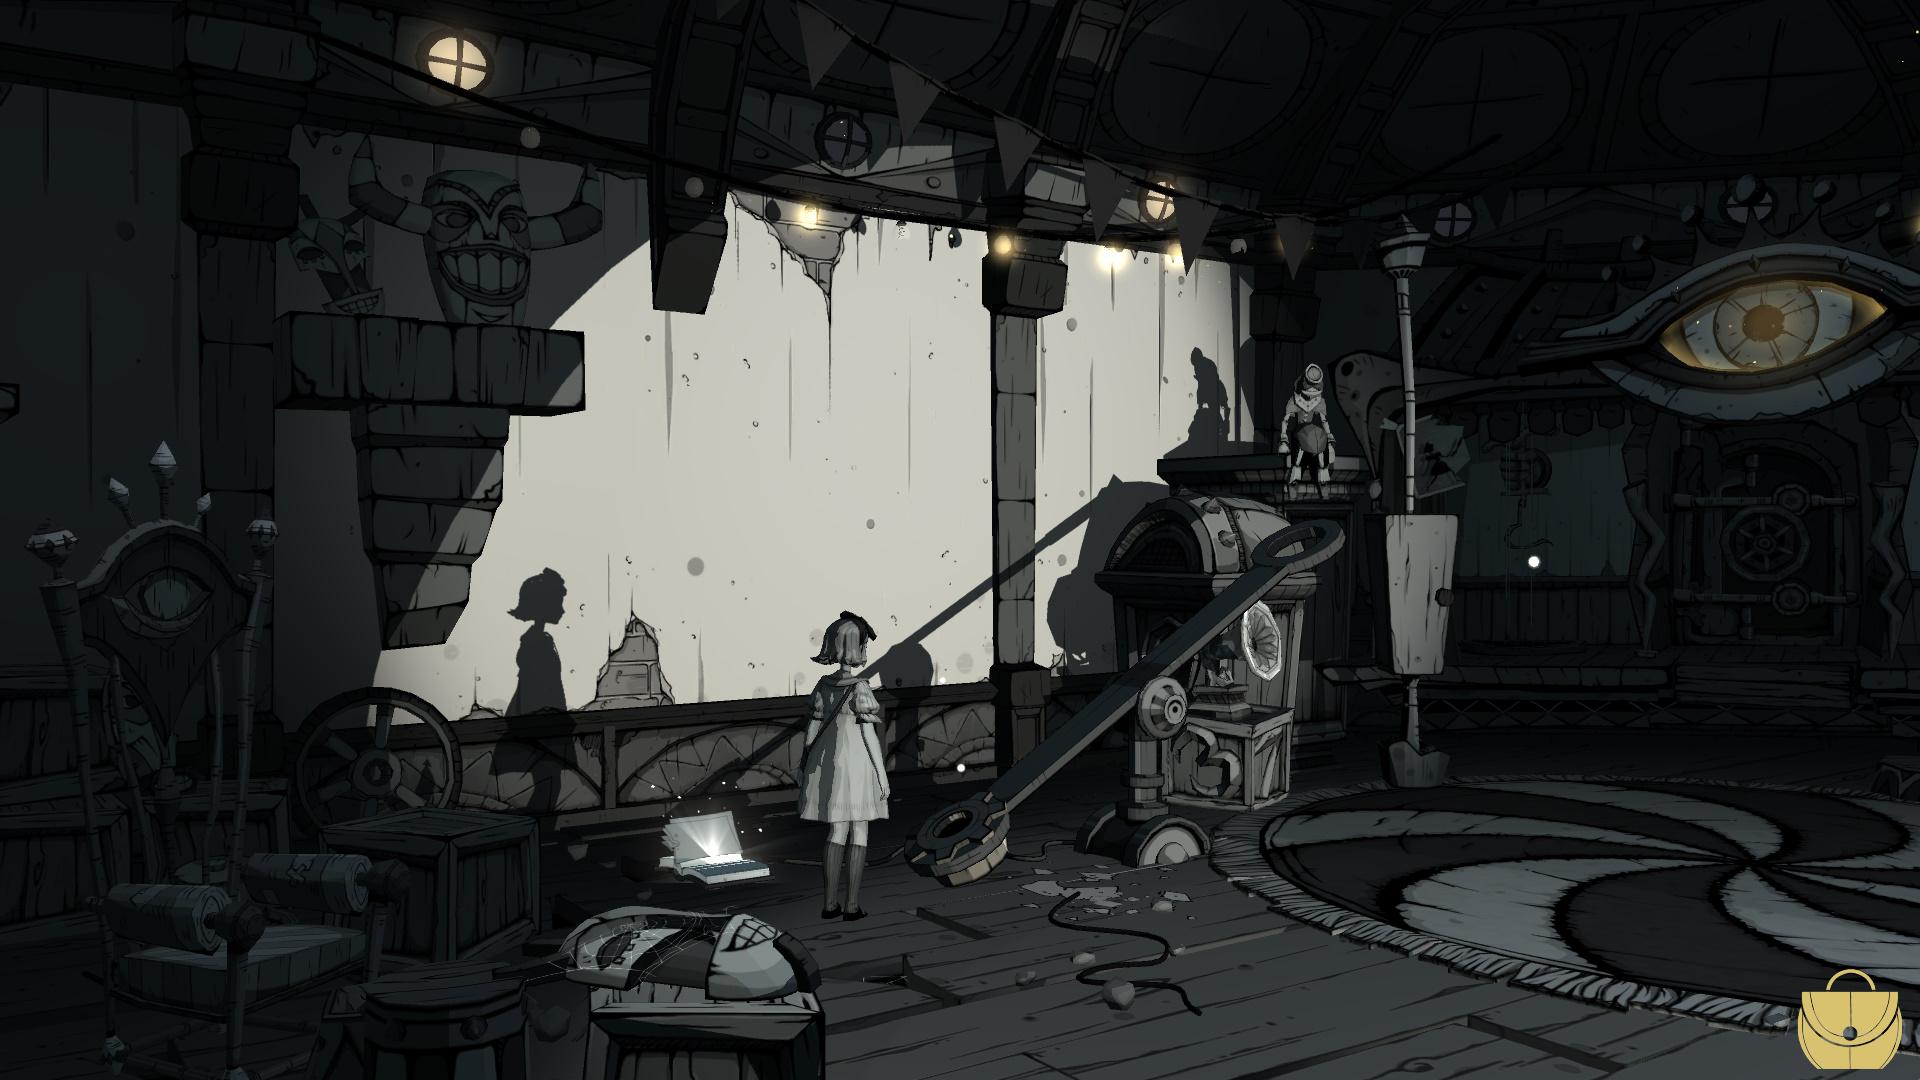 El oscuro mundo de Iris.Fall llega a Steam el 7 de Diciembre